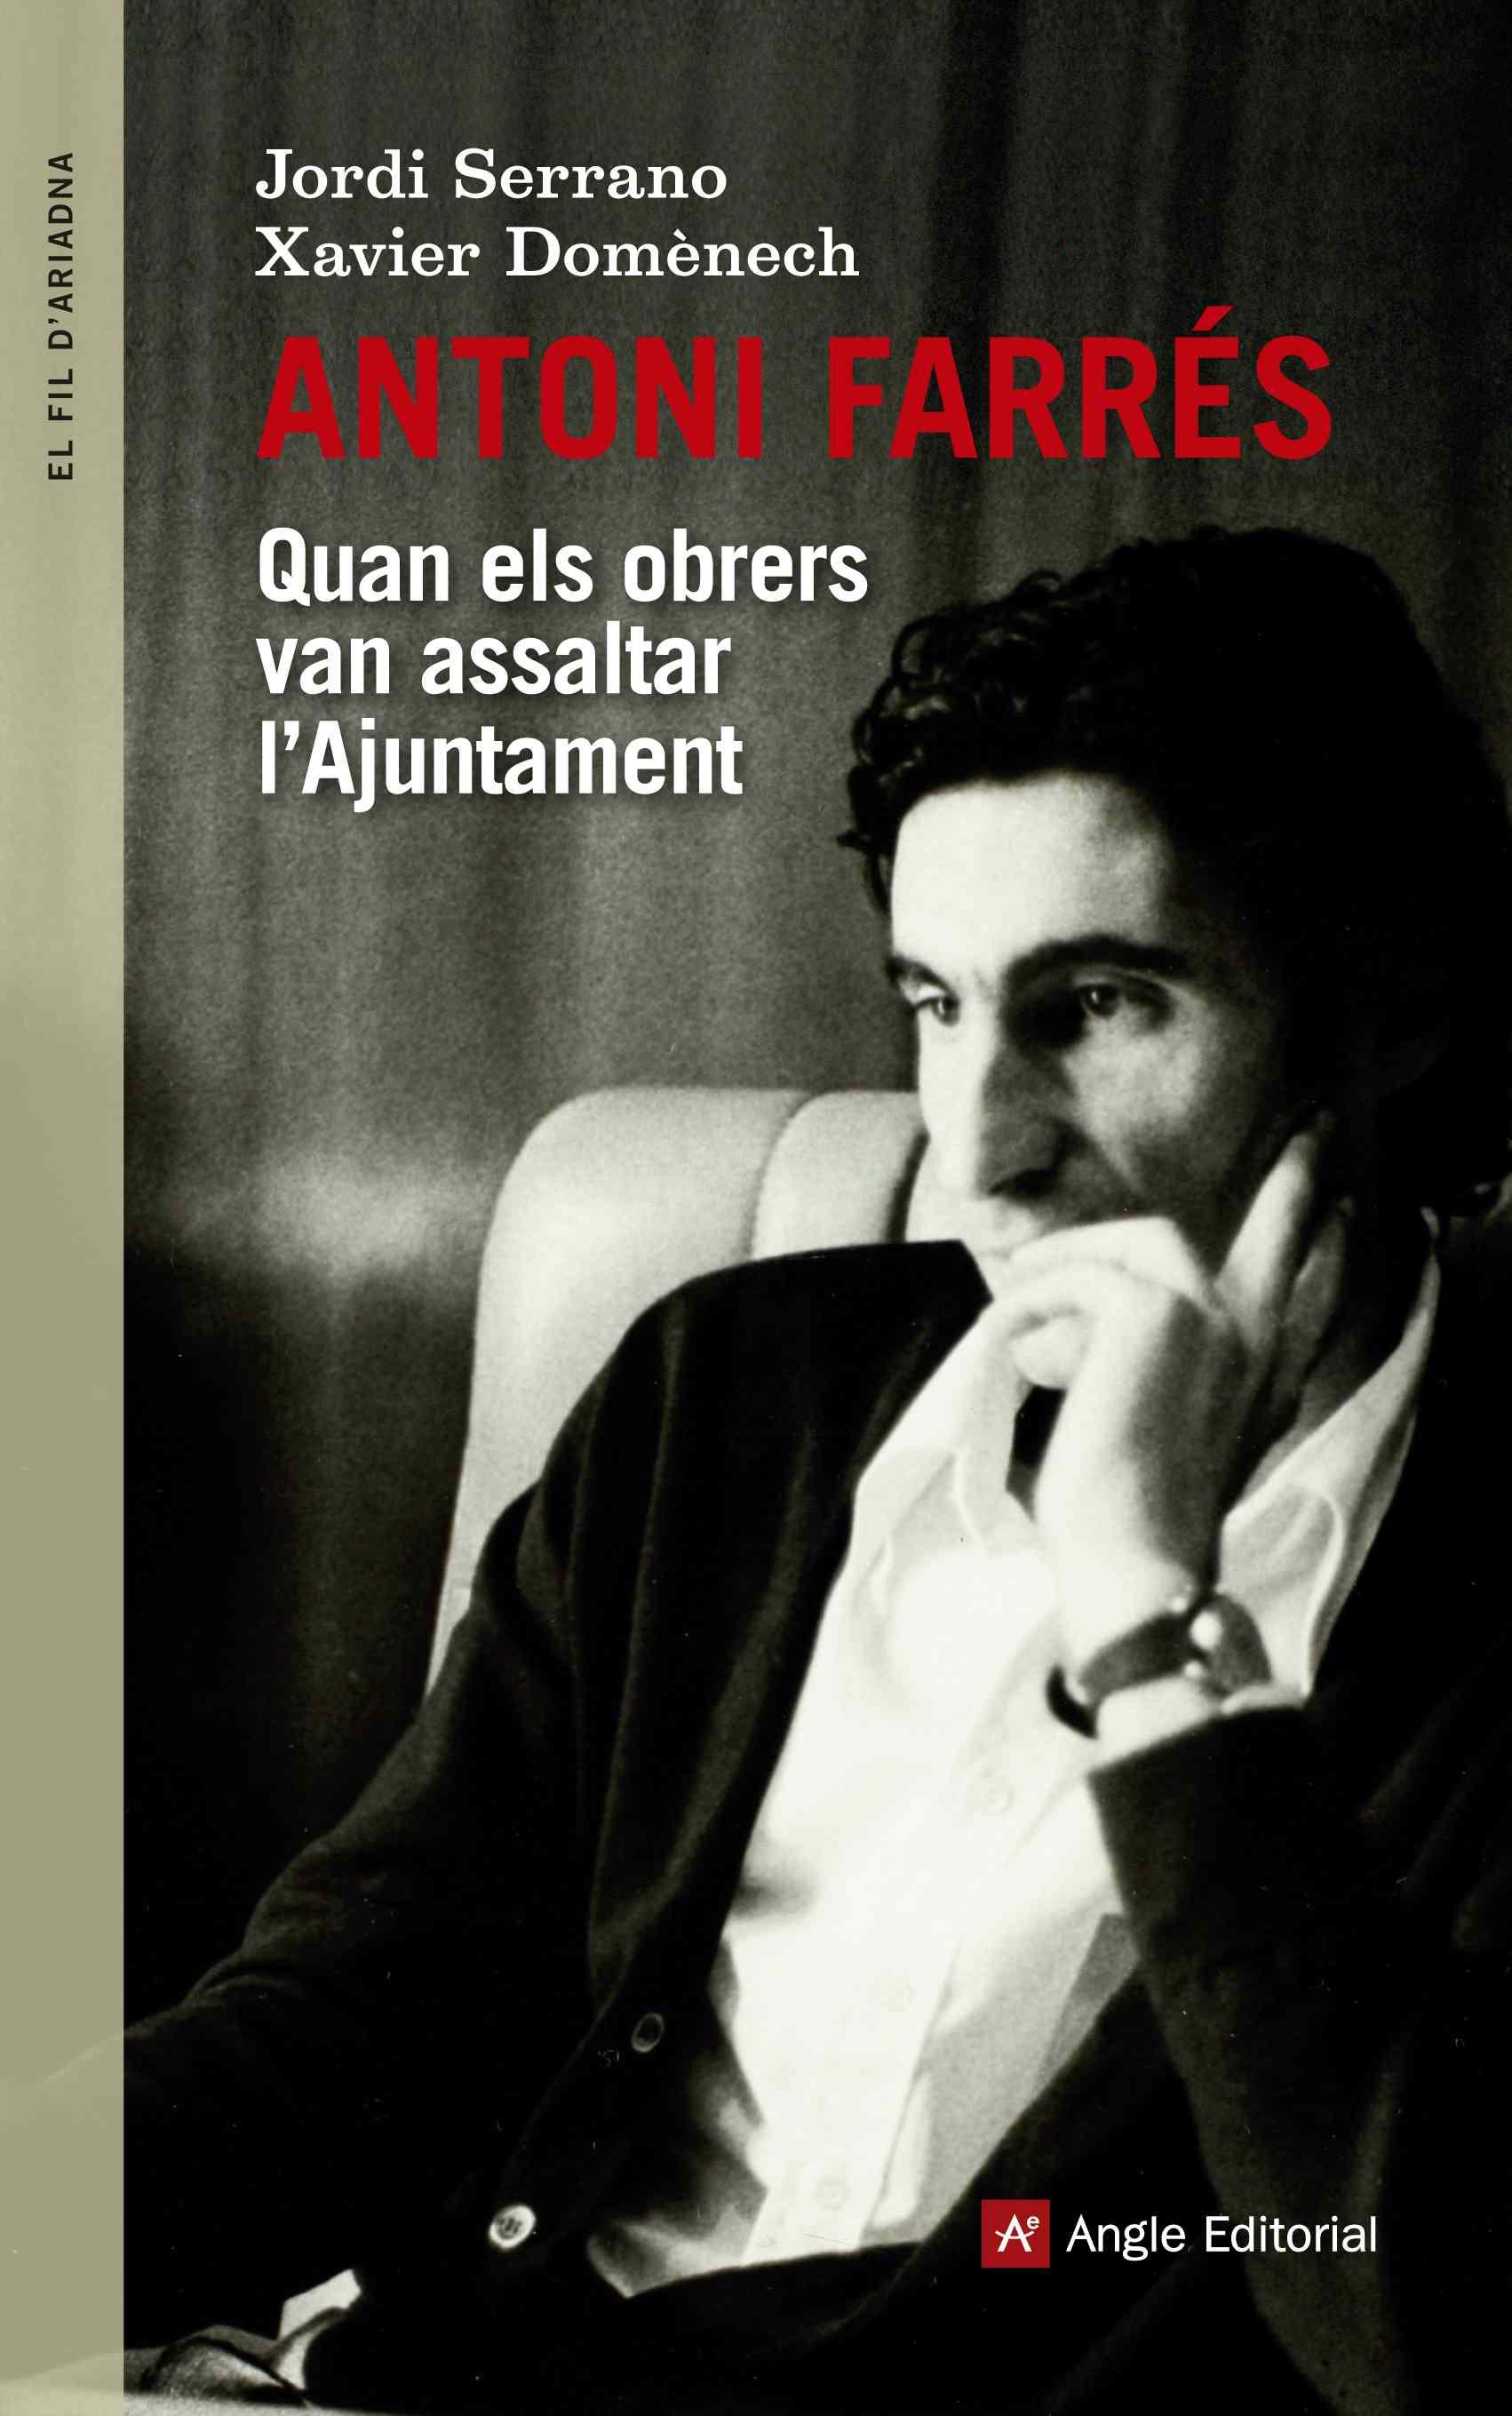 Portada del llibre escrit per Jordi Serrano i Xavier Domènech / ANGLE EDITORIAL